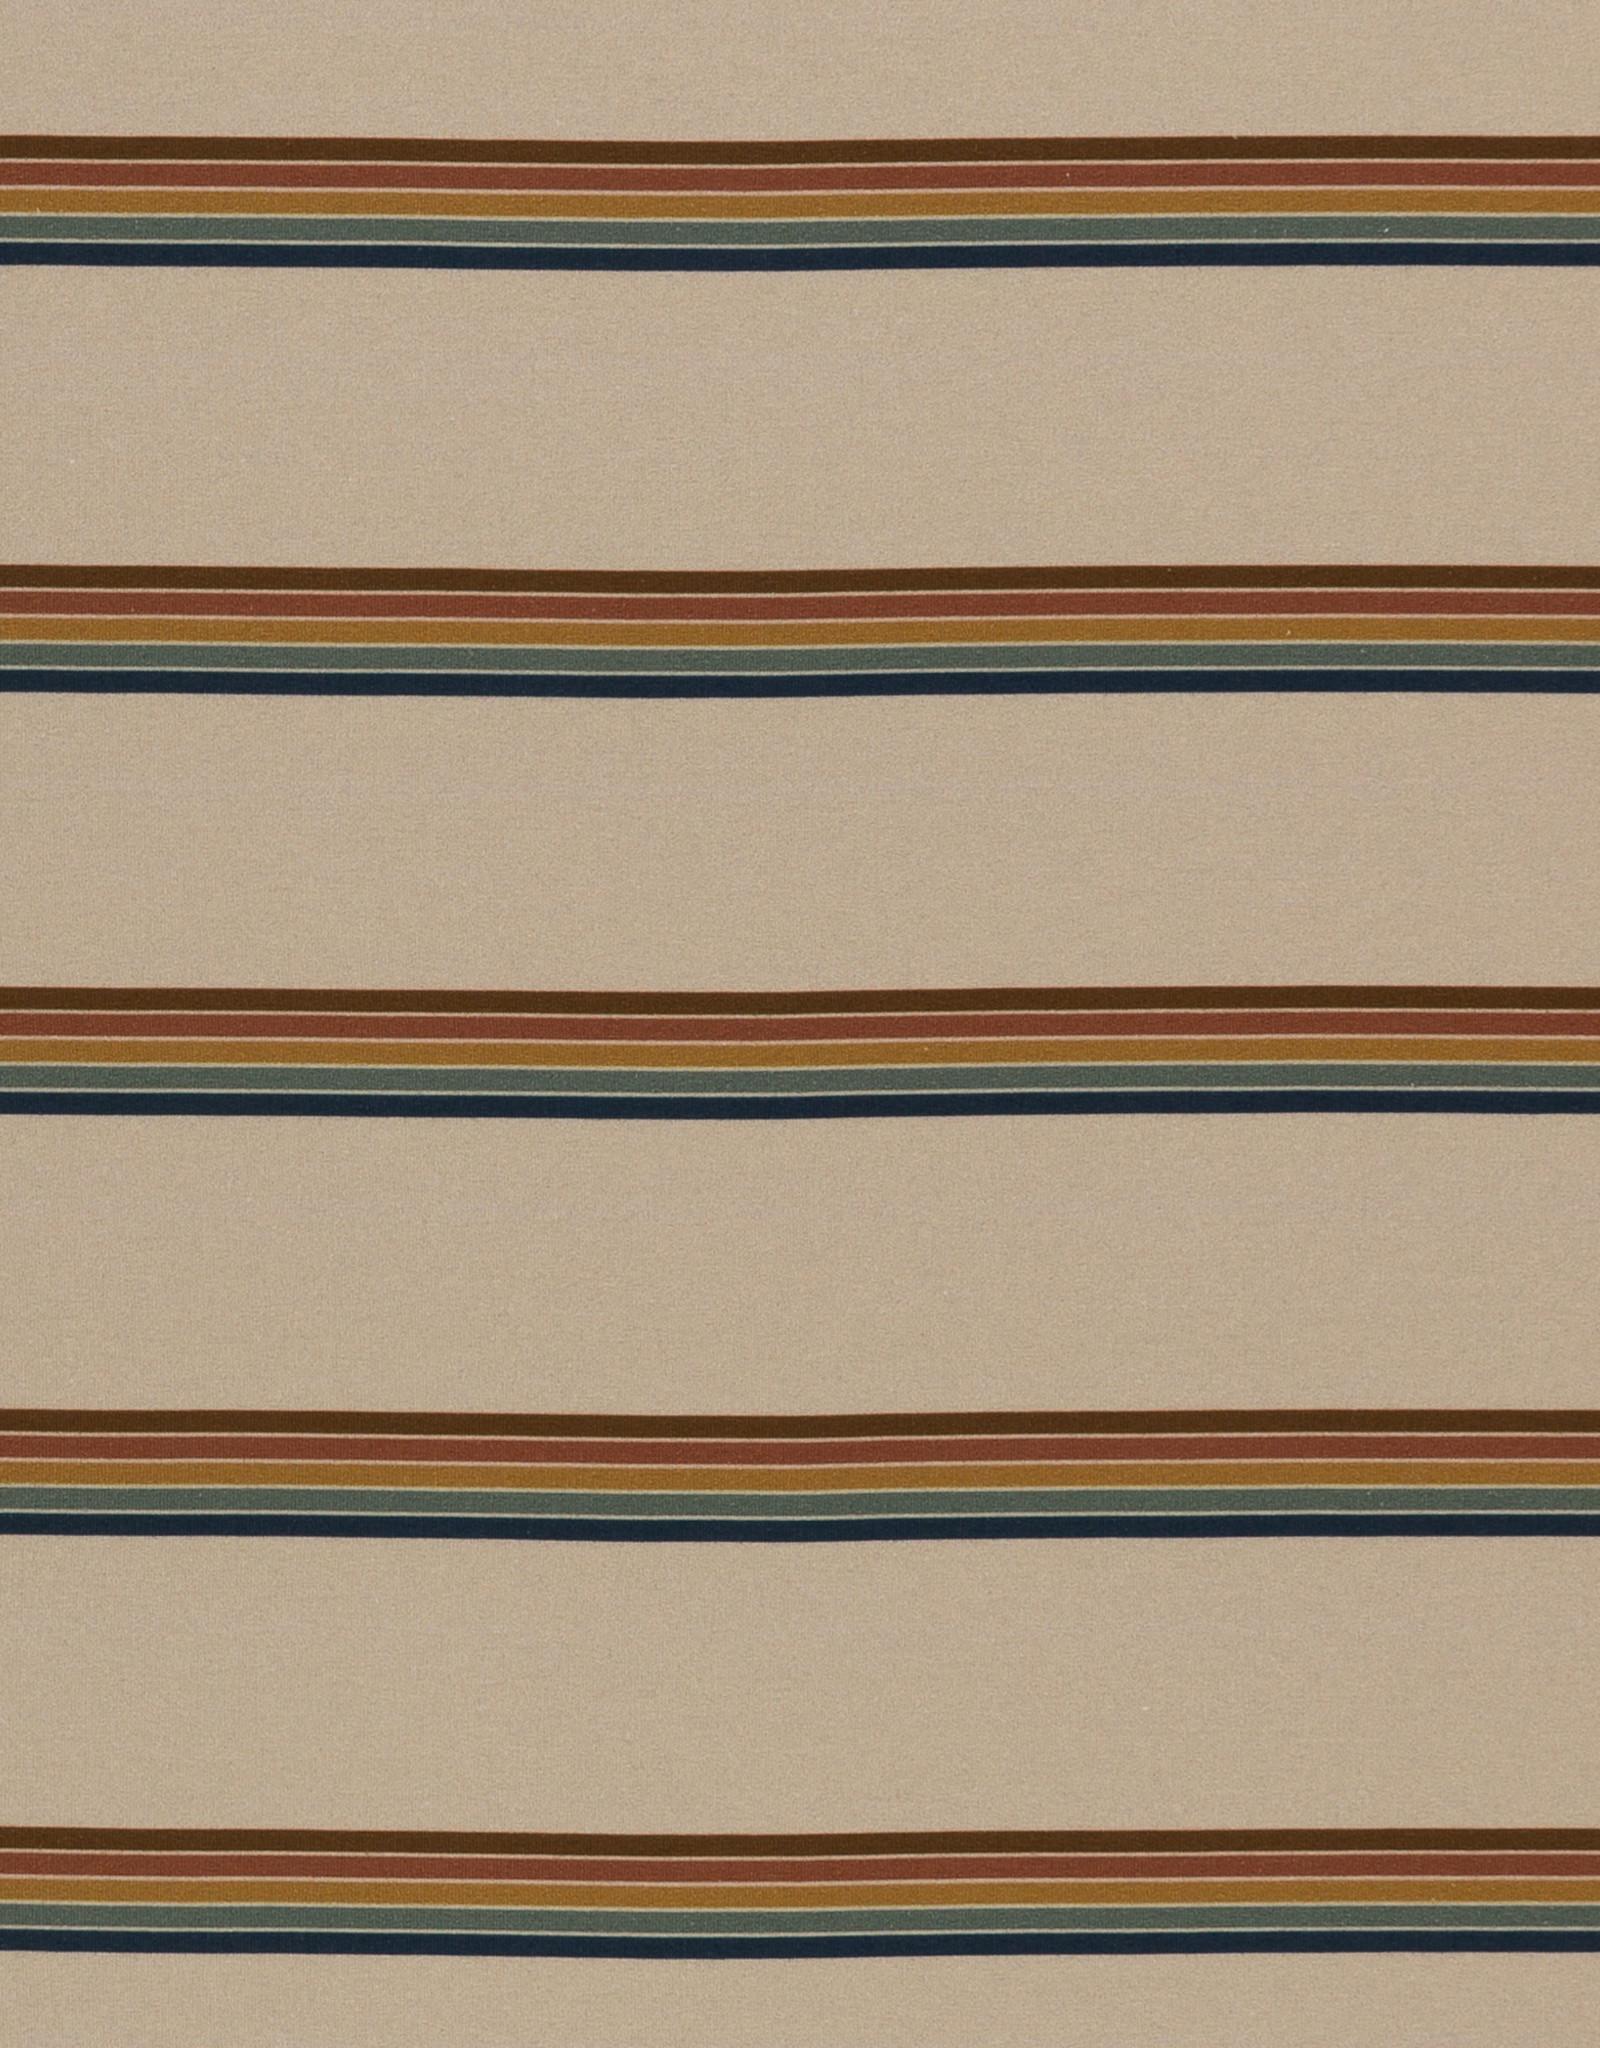 FT gestreept regenboogkleuren